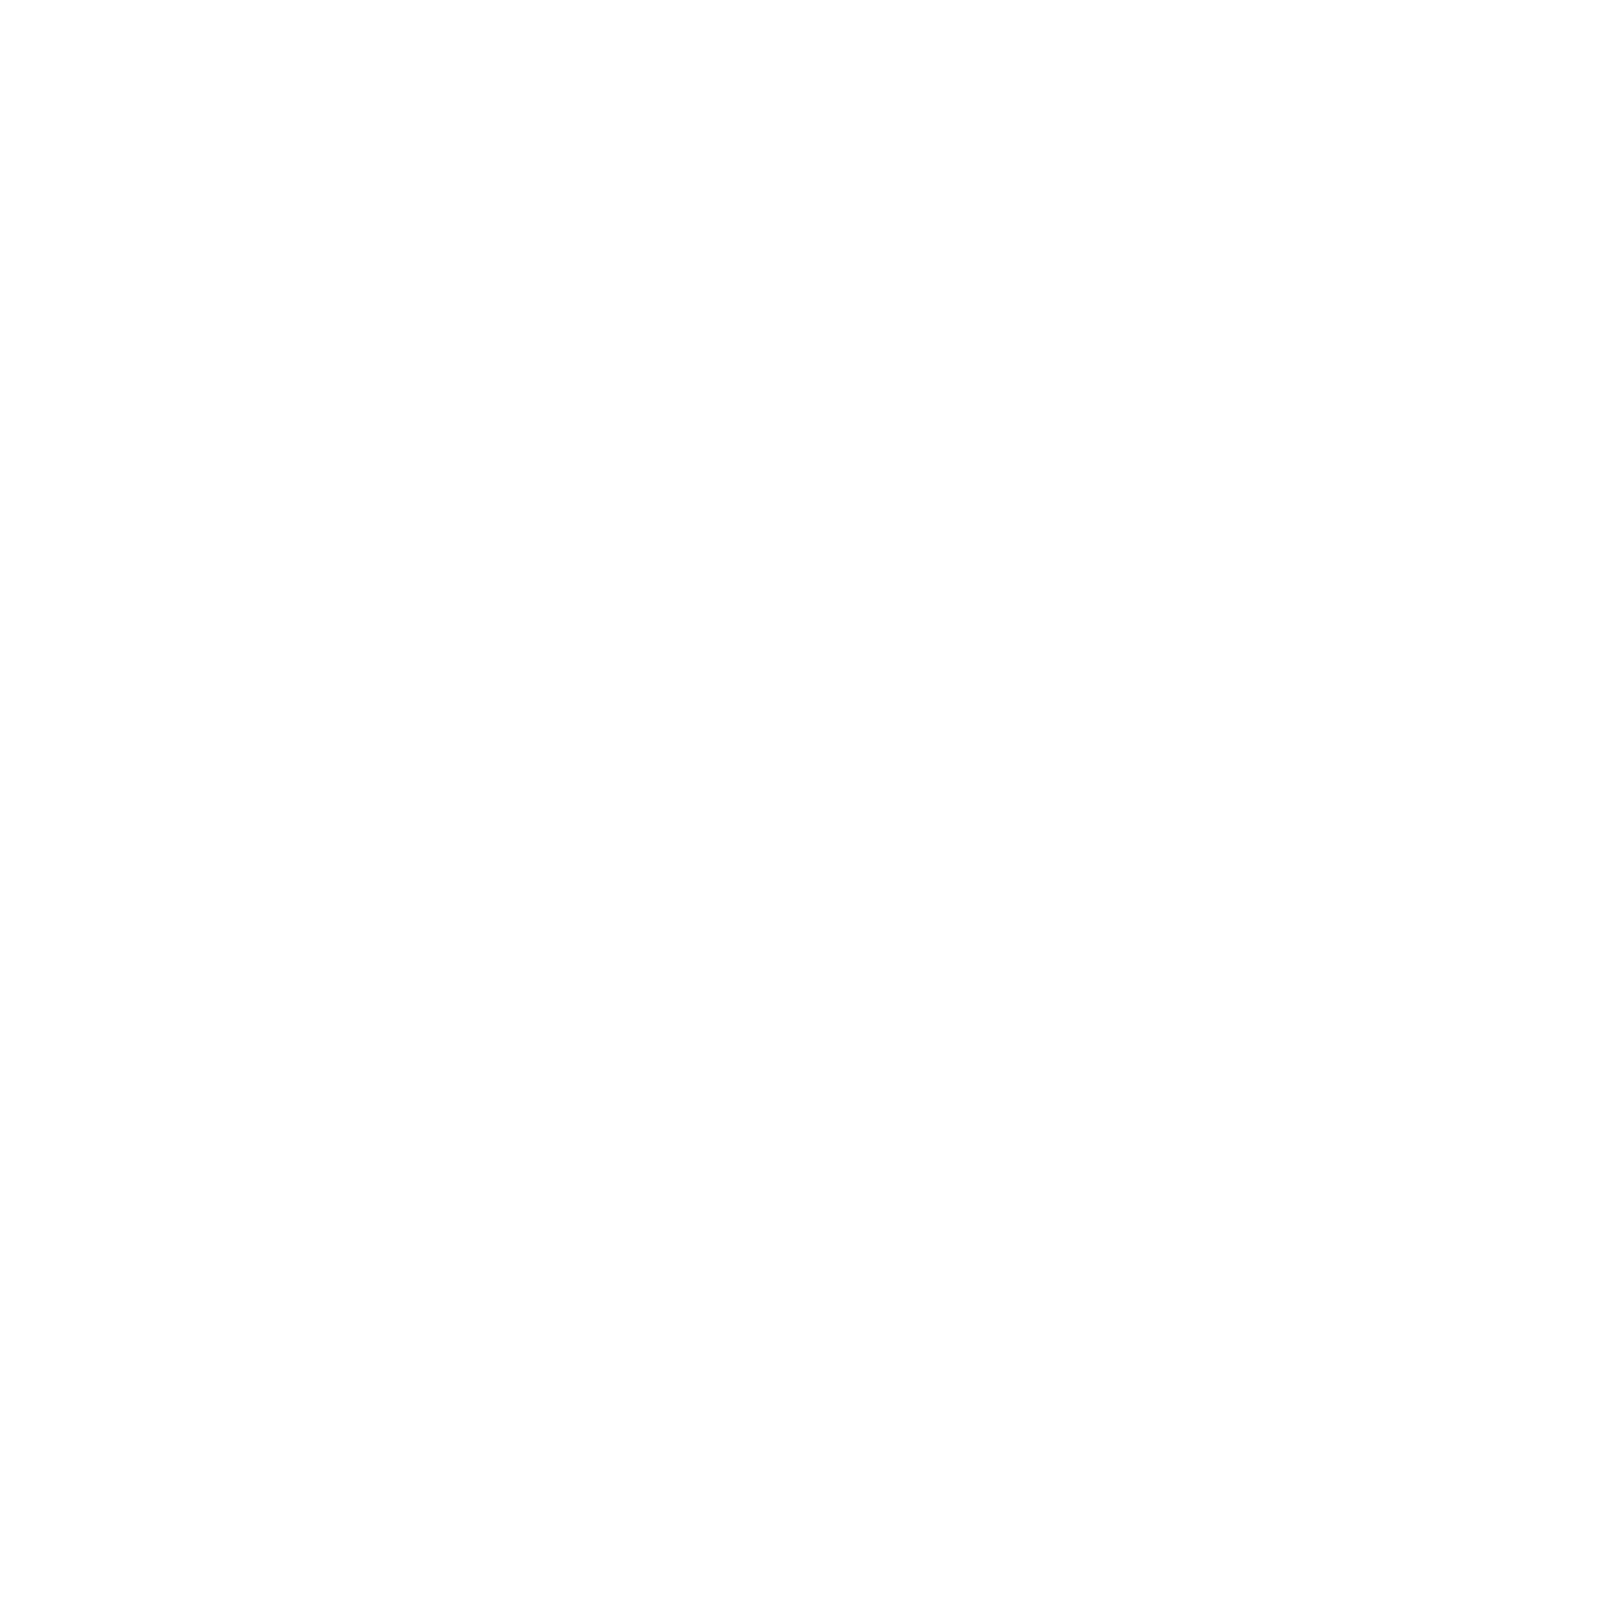 BCSArtboard 1 copy 7Partner Logos.png